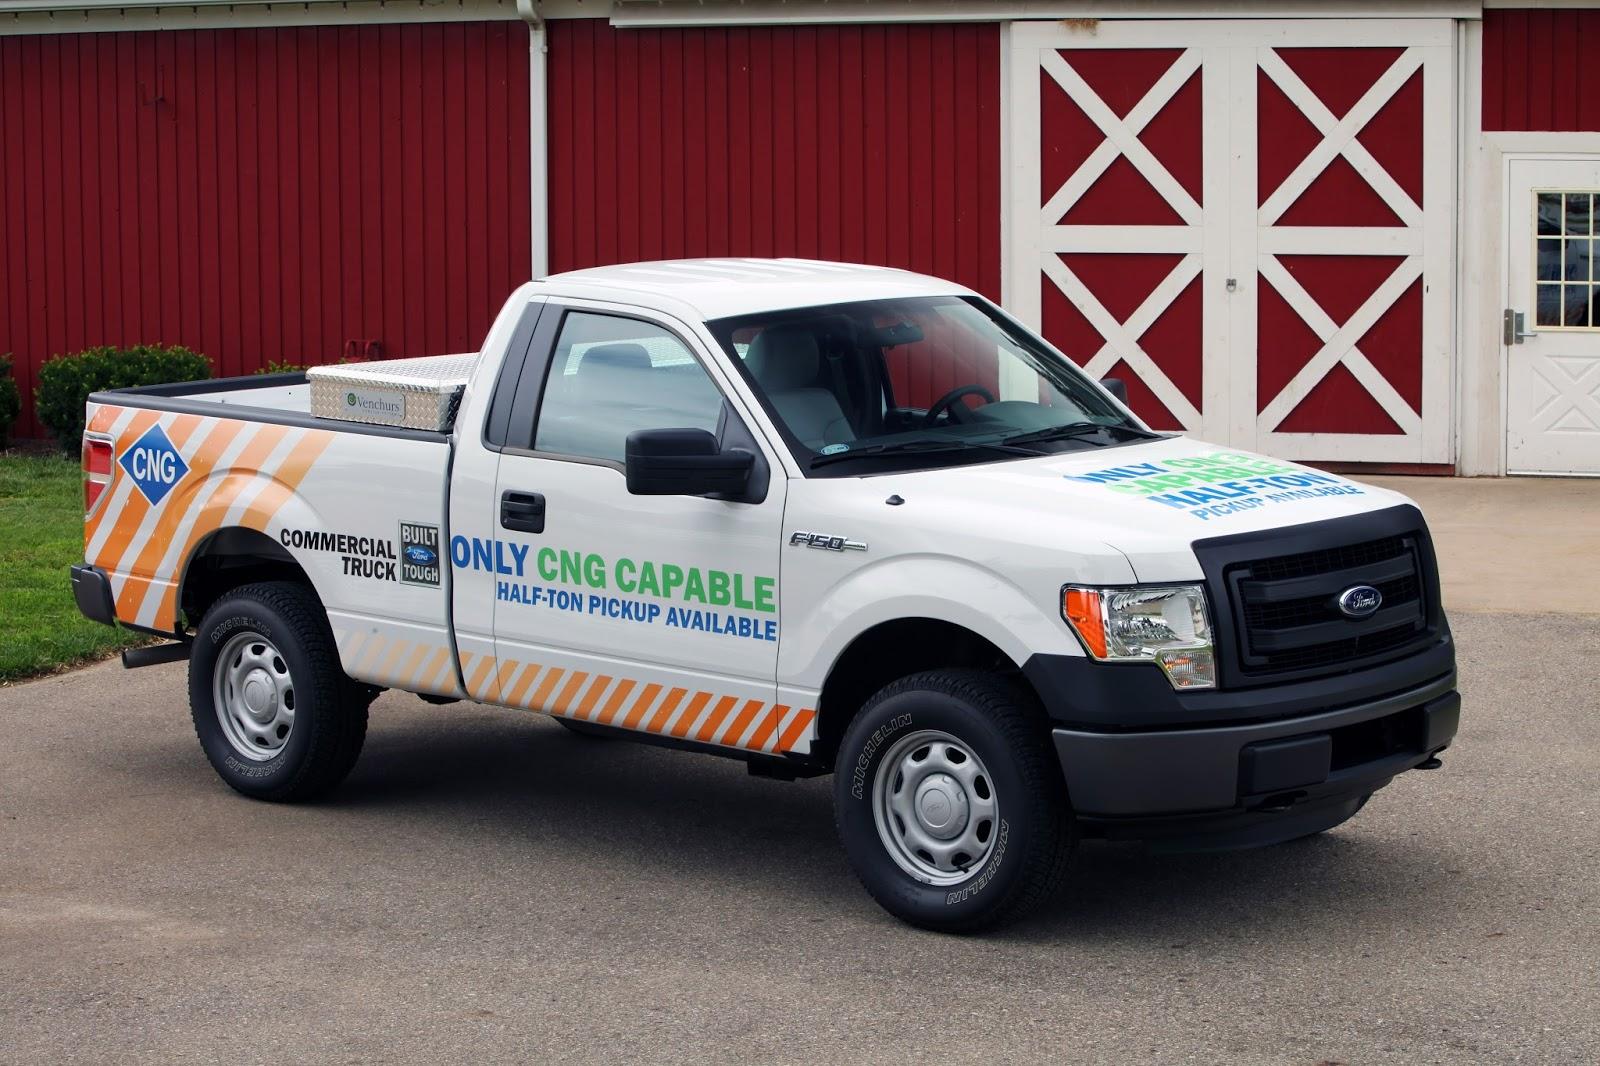 2014 Ford F-150, il peut carburer au gaz naturel et au GPL